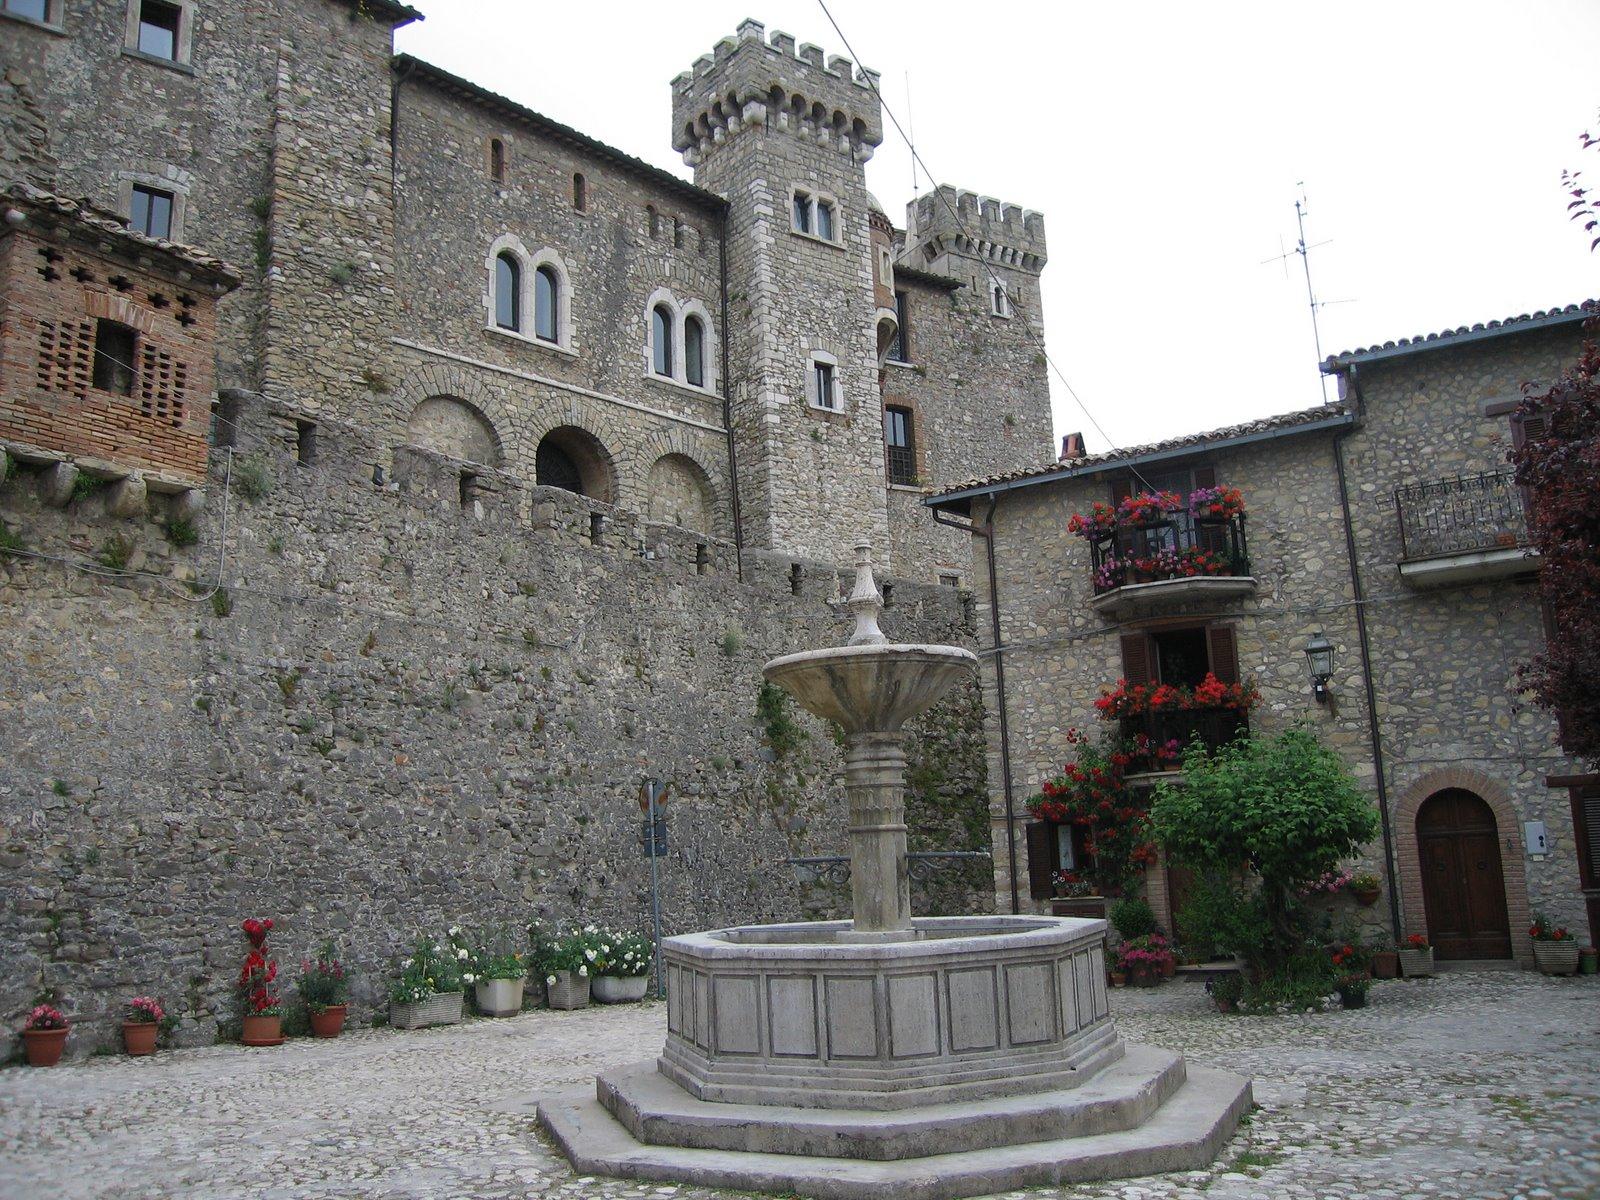 5 borghi da visitare nel Lazio a Pasqua